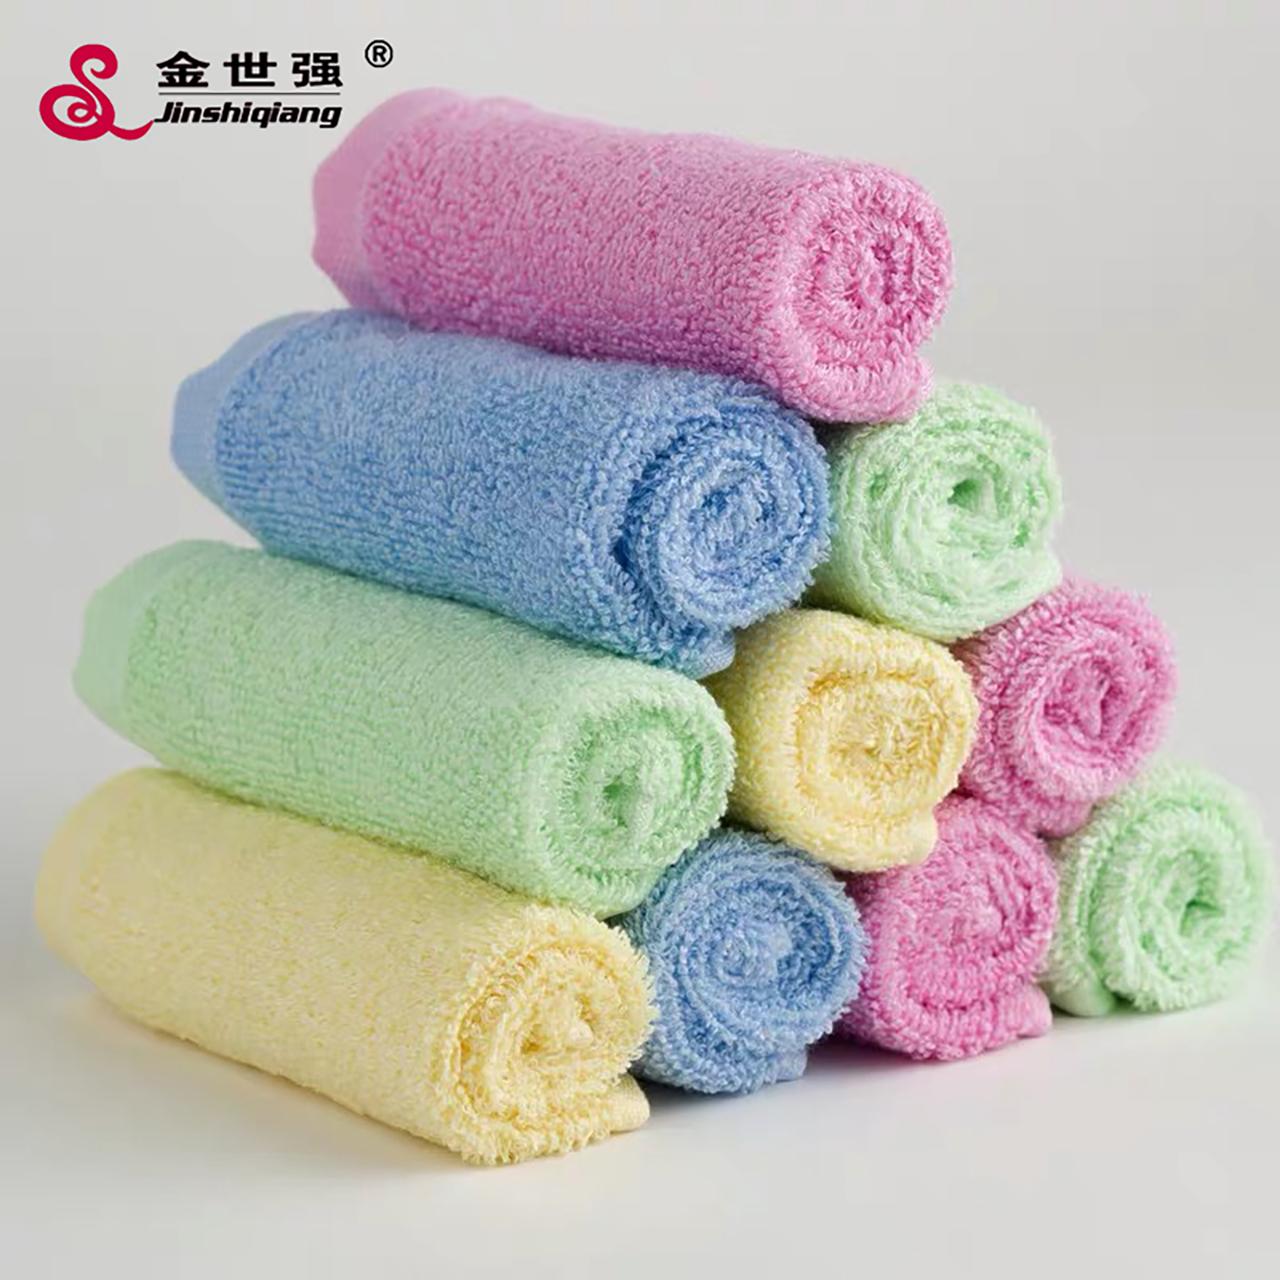 油利除正品洗碗巾家用抹布吸水不掉毛家务清洁不沾油厨房洗碗毛巾